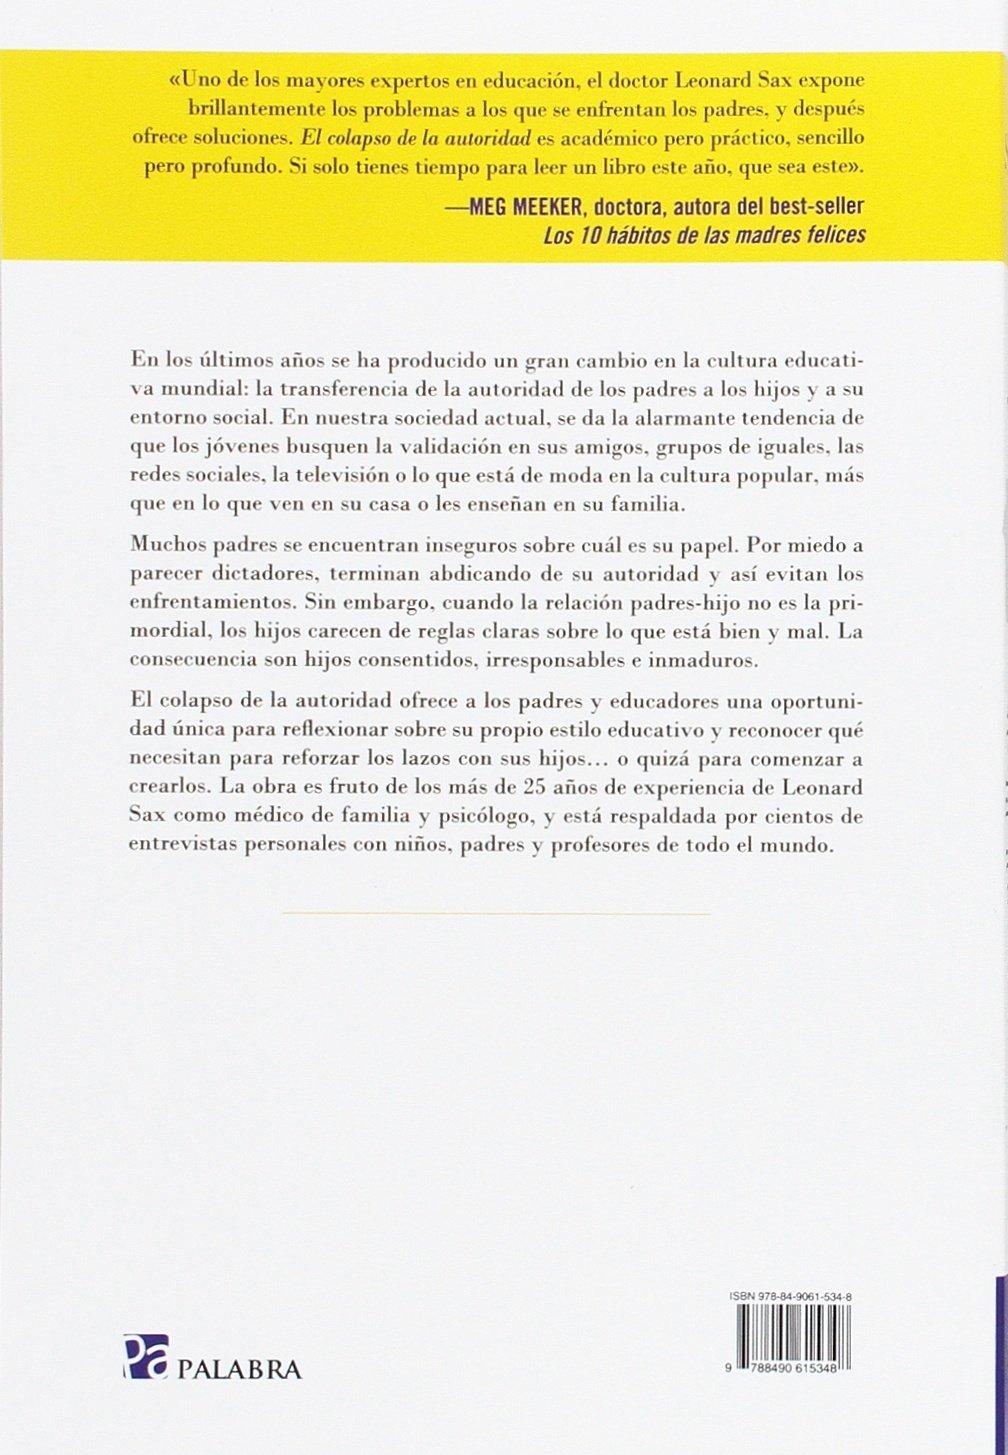 El colapso de la autoridad. Cómo no abdicar ante la dictadura de las redes  y de la presión social Educación y familia: Amazon.es: Leonard Sax, Diego  Pereda ...